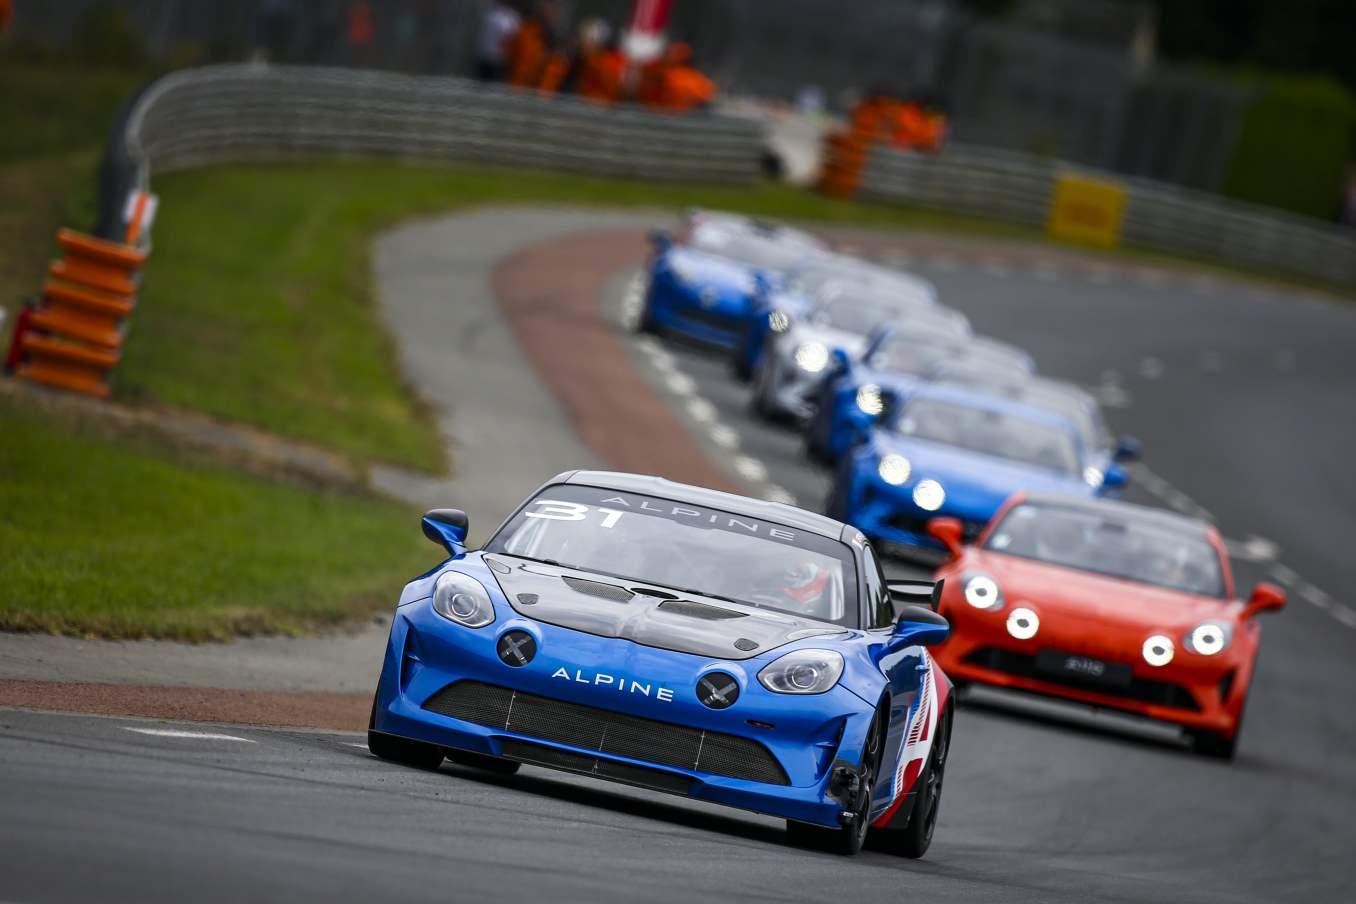 Une F1 aux 24h du Mans et une parade impregnee de passion 2 | Une F1 aux 24h du Mans et une parade imprégnée de passion